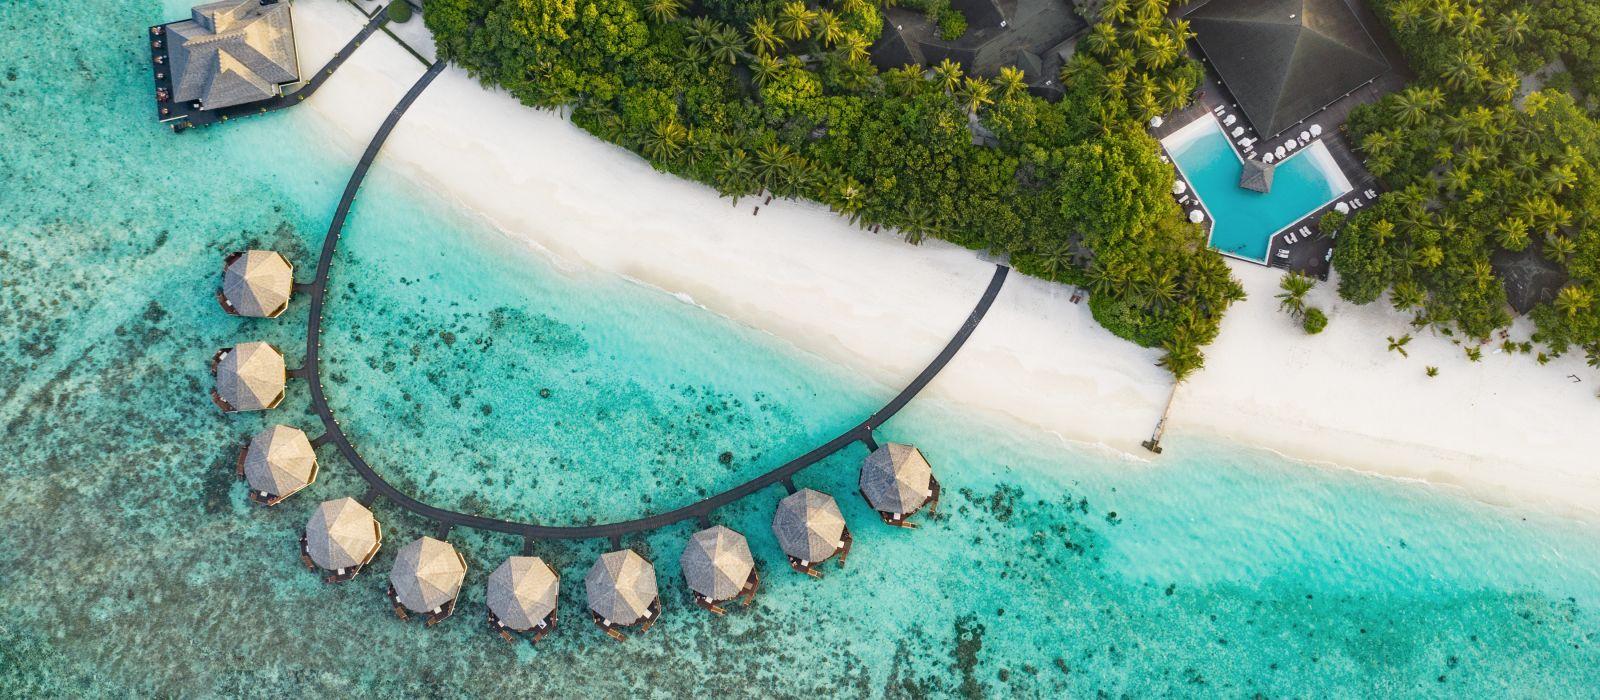 Maldives Aerial View Islands Beach